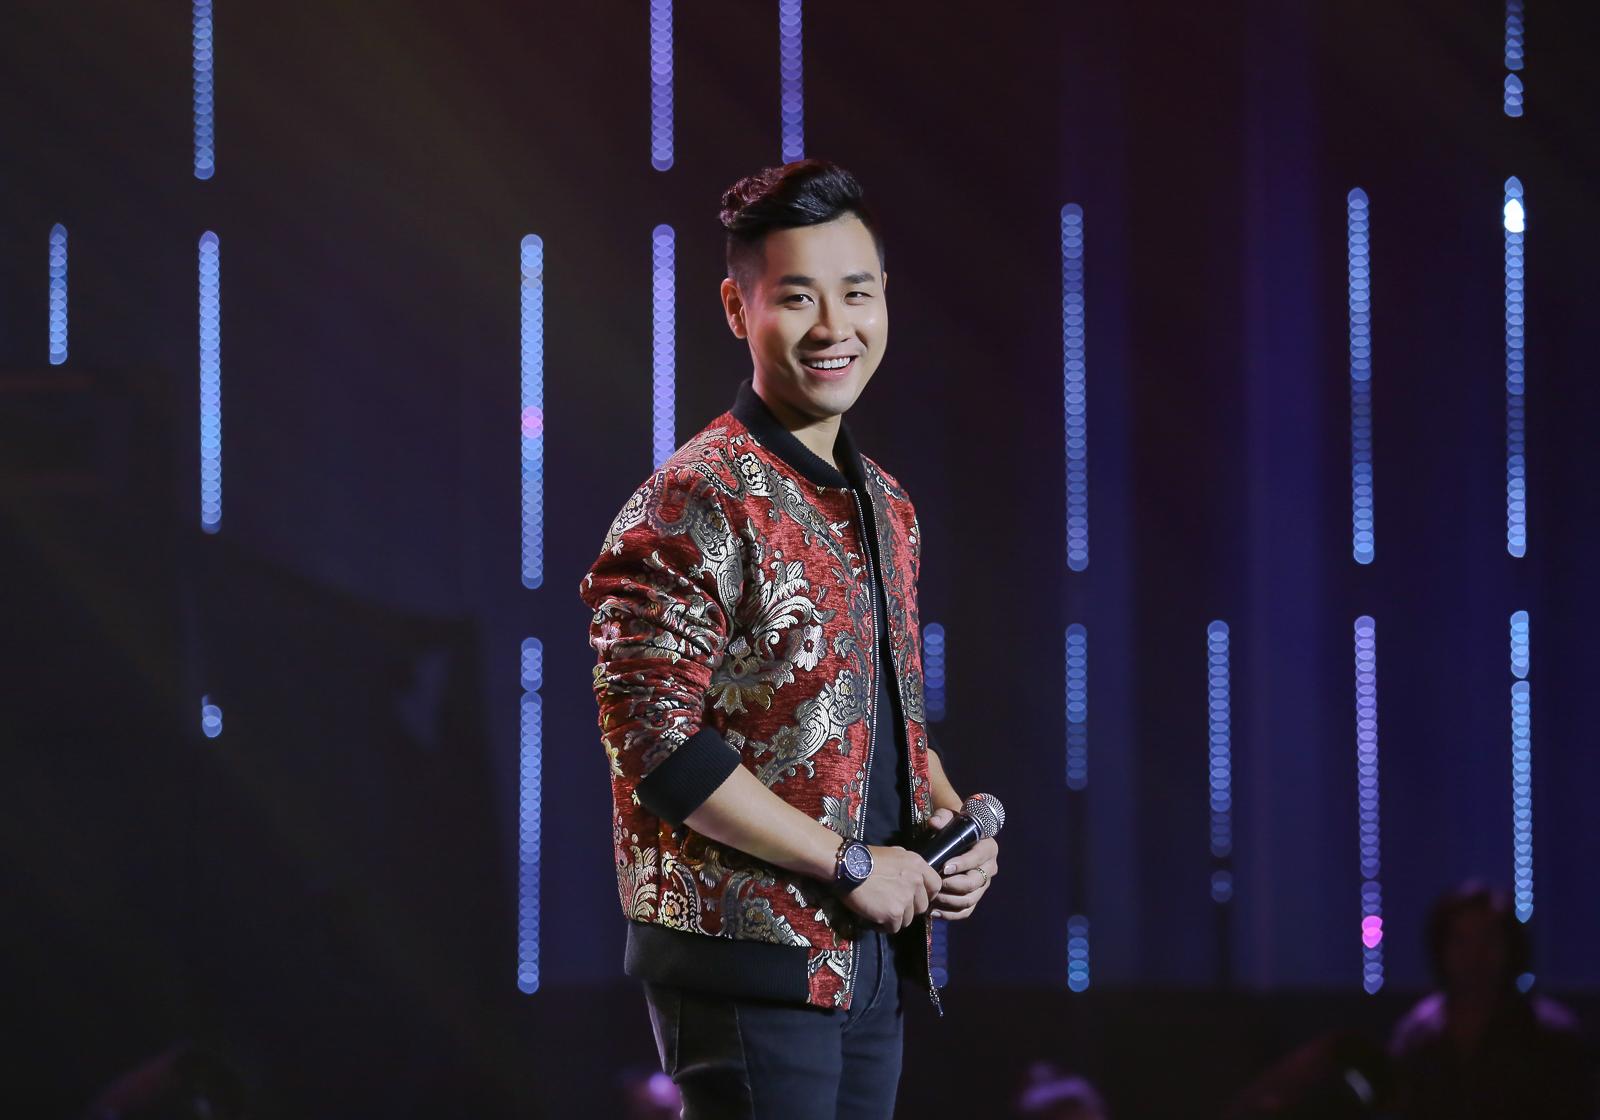 Giải trí - MC Nguyên Khang điển trai như soái ca trên sân khấu Người hát tình ca